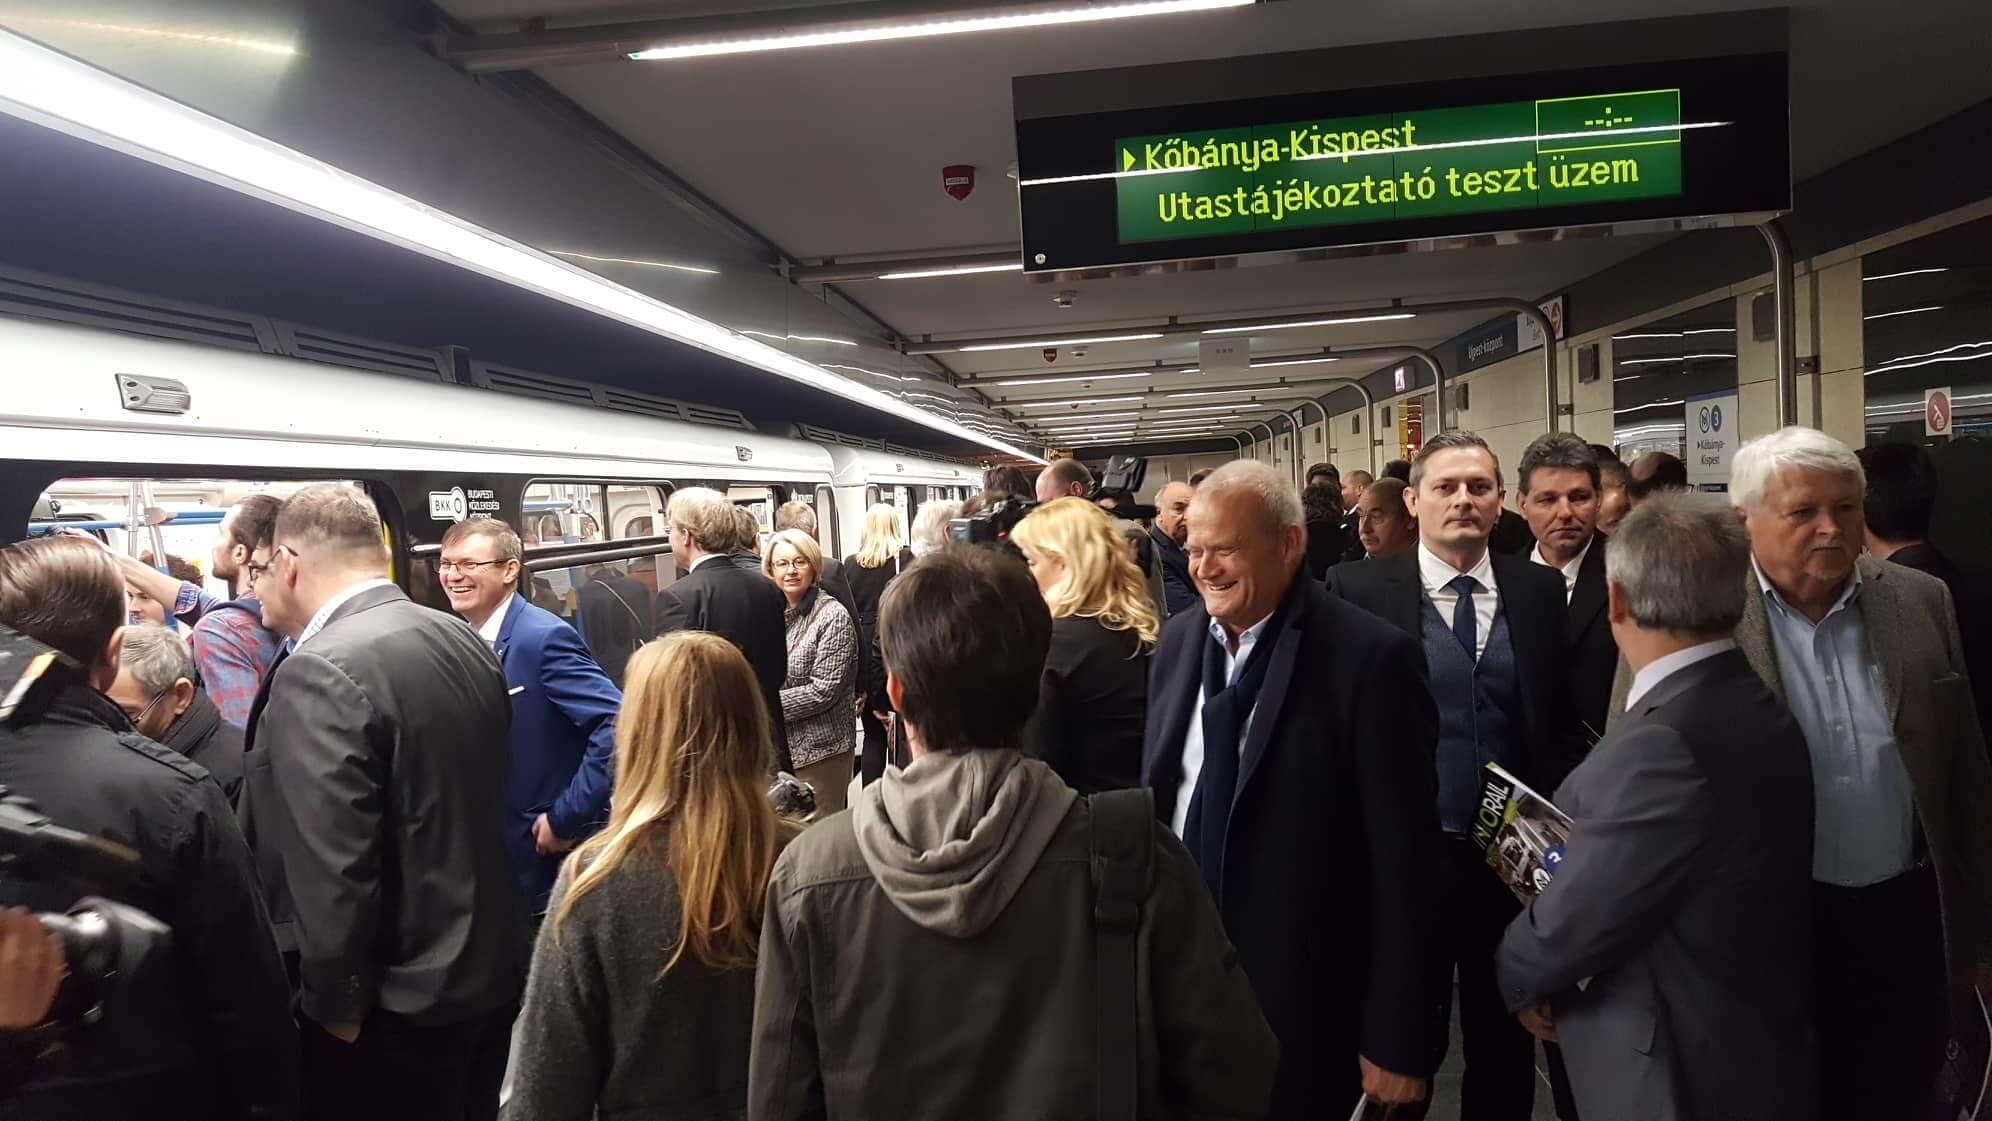 Sokan vártuk ezt a pillanatot: átadták a megújult 3-as metrót